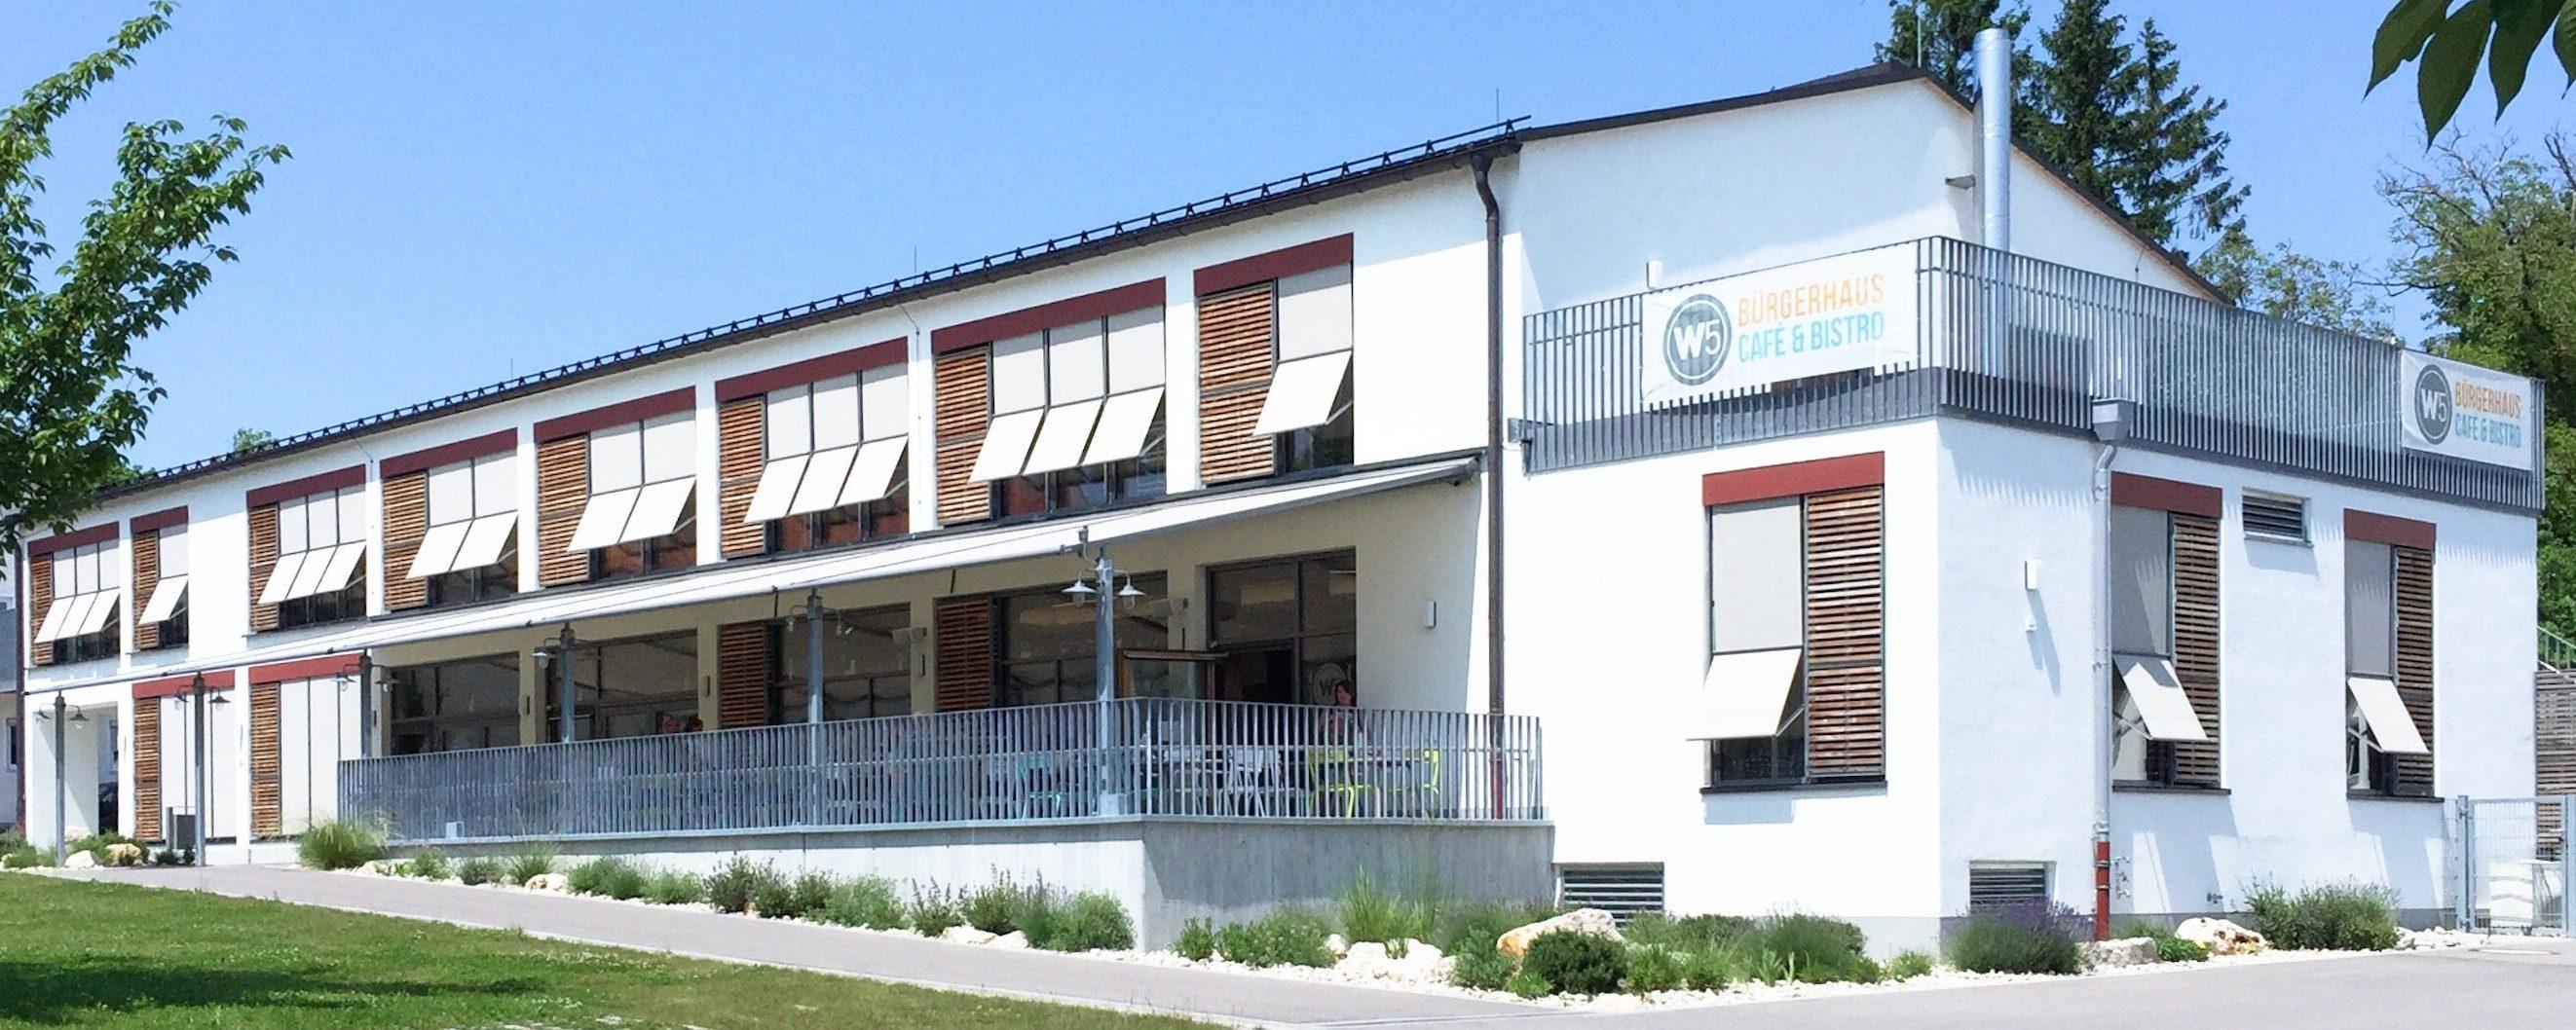 W5-Bürgerhaus in Schönbrunn